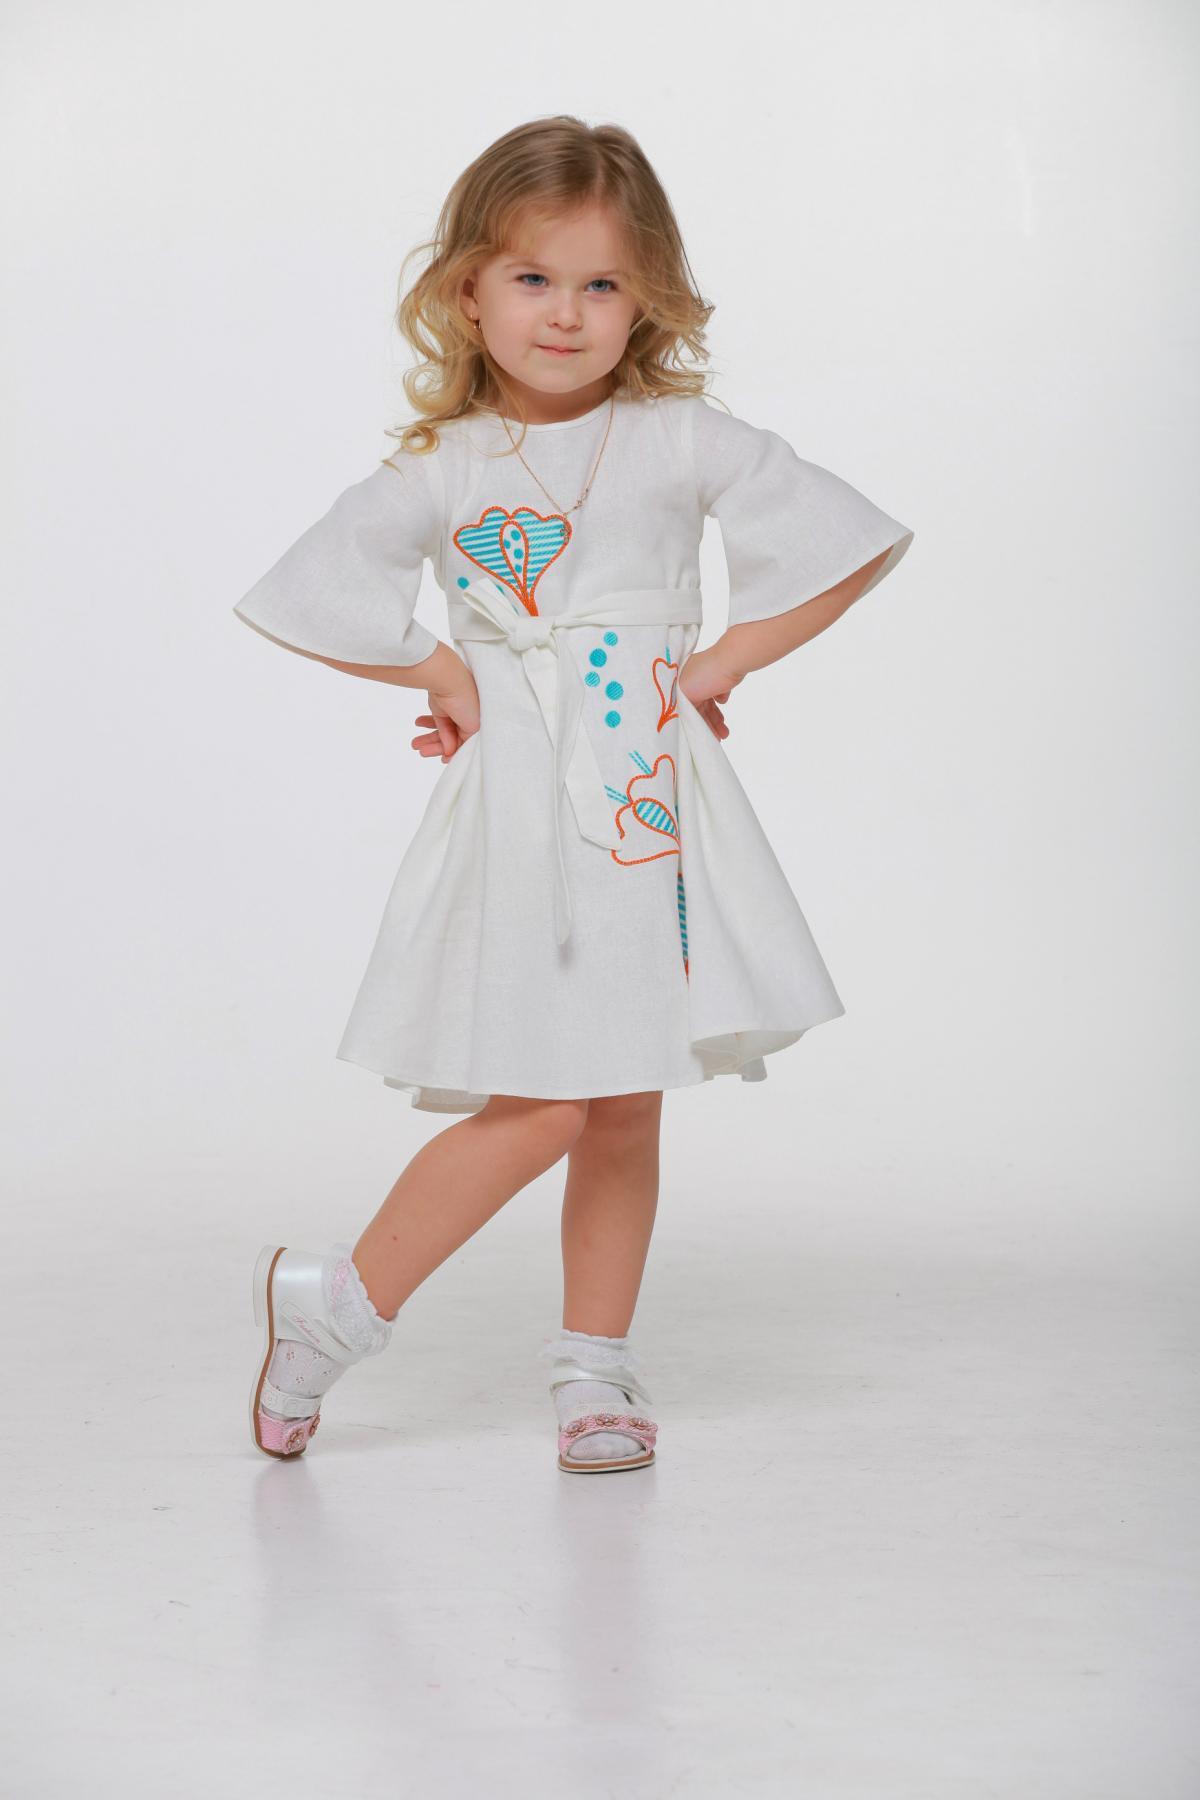 Дитяча вишита сукня біла. Фото №1. | Народний дім Україна